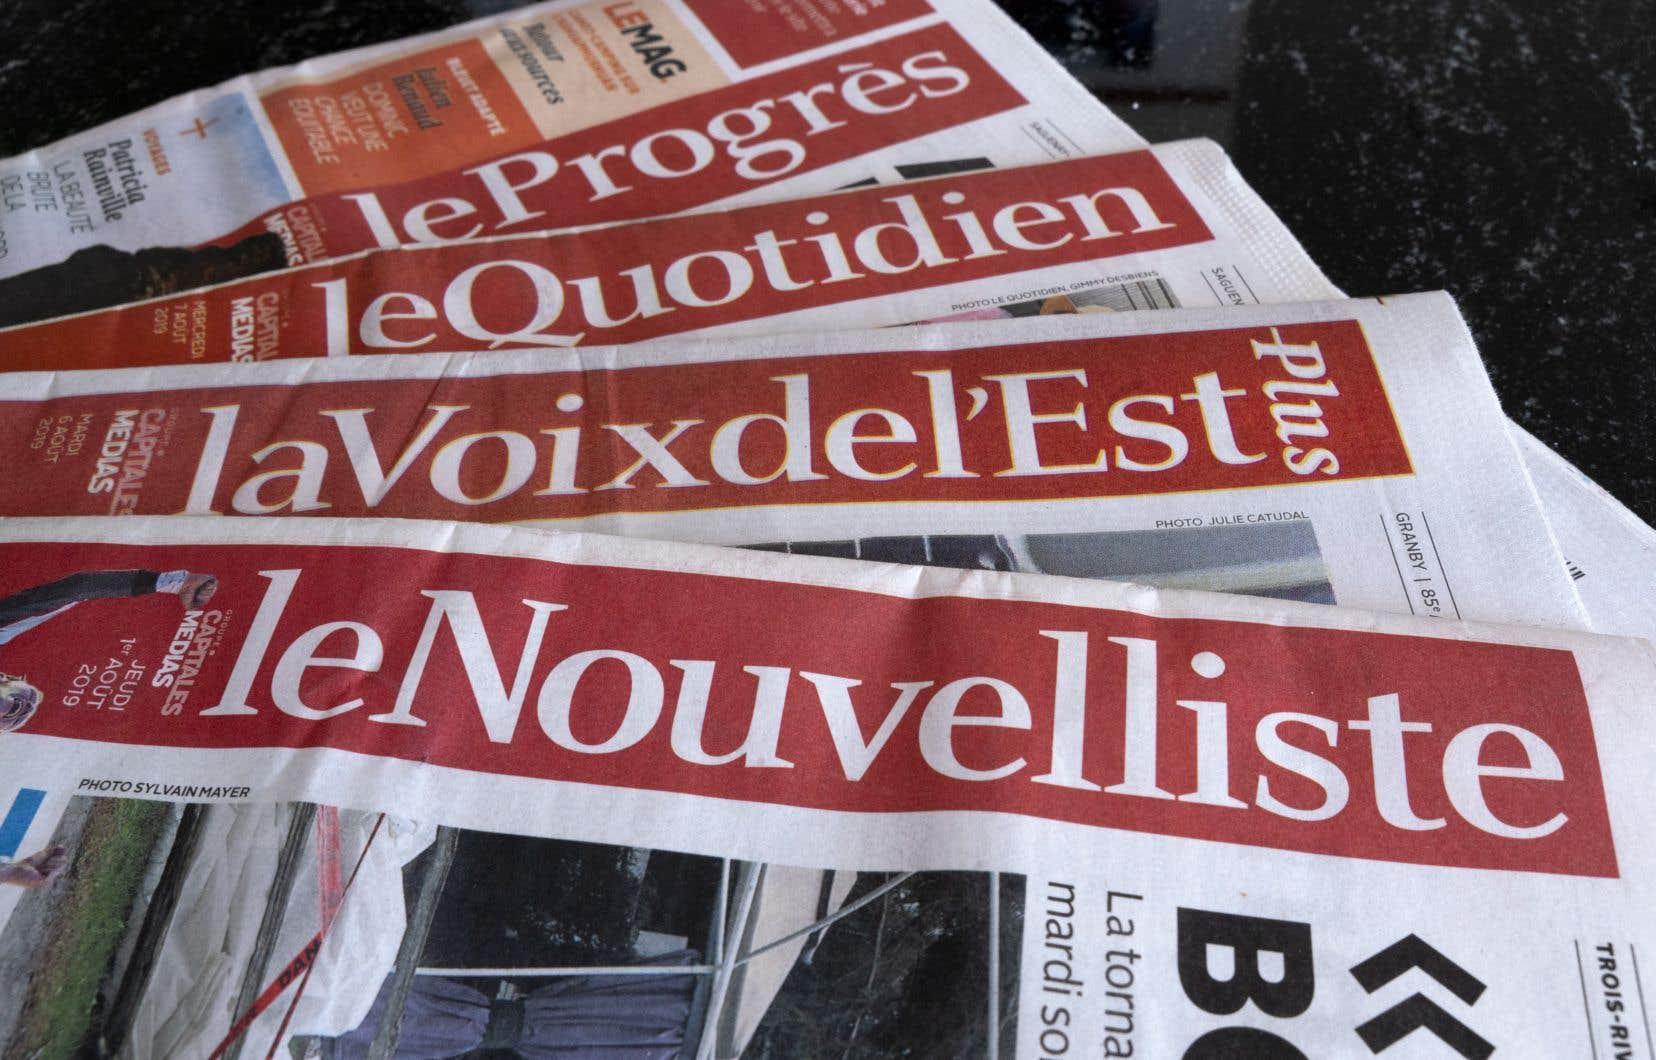 Le gouvernement est le principal créancier de Capitales Médias, qui publie «Le Soleil» à Québec, «Le Droit» à Gatineau, «Le Quotidien» à Saguenay, «Le Nouvelliste» à Trois-Rivières, «La Tribune» à Sherbrooke et «La Voix de l'Est» à Granby.